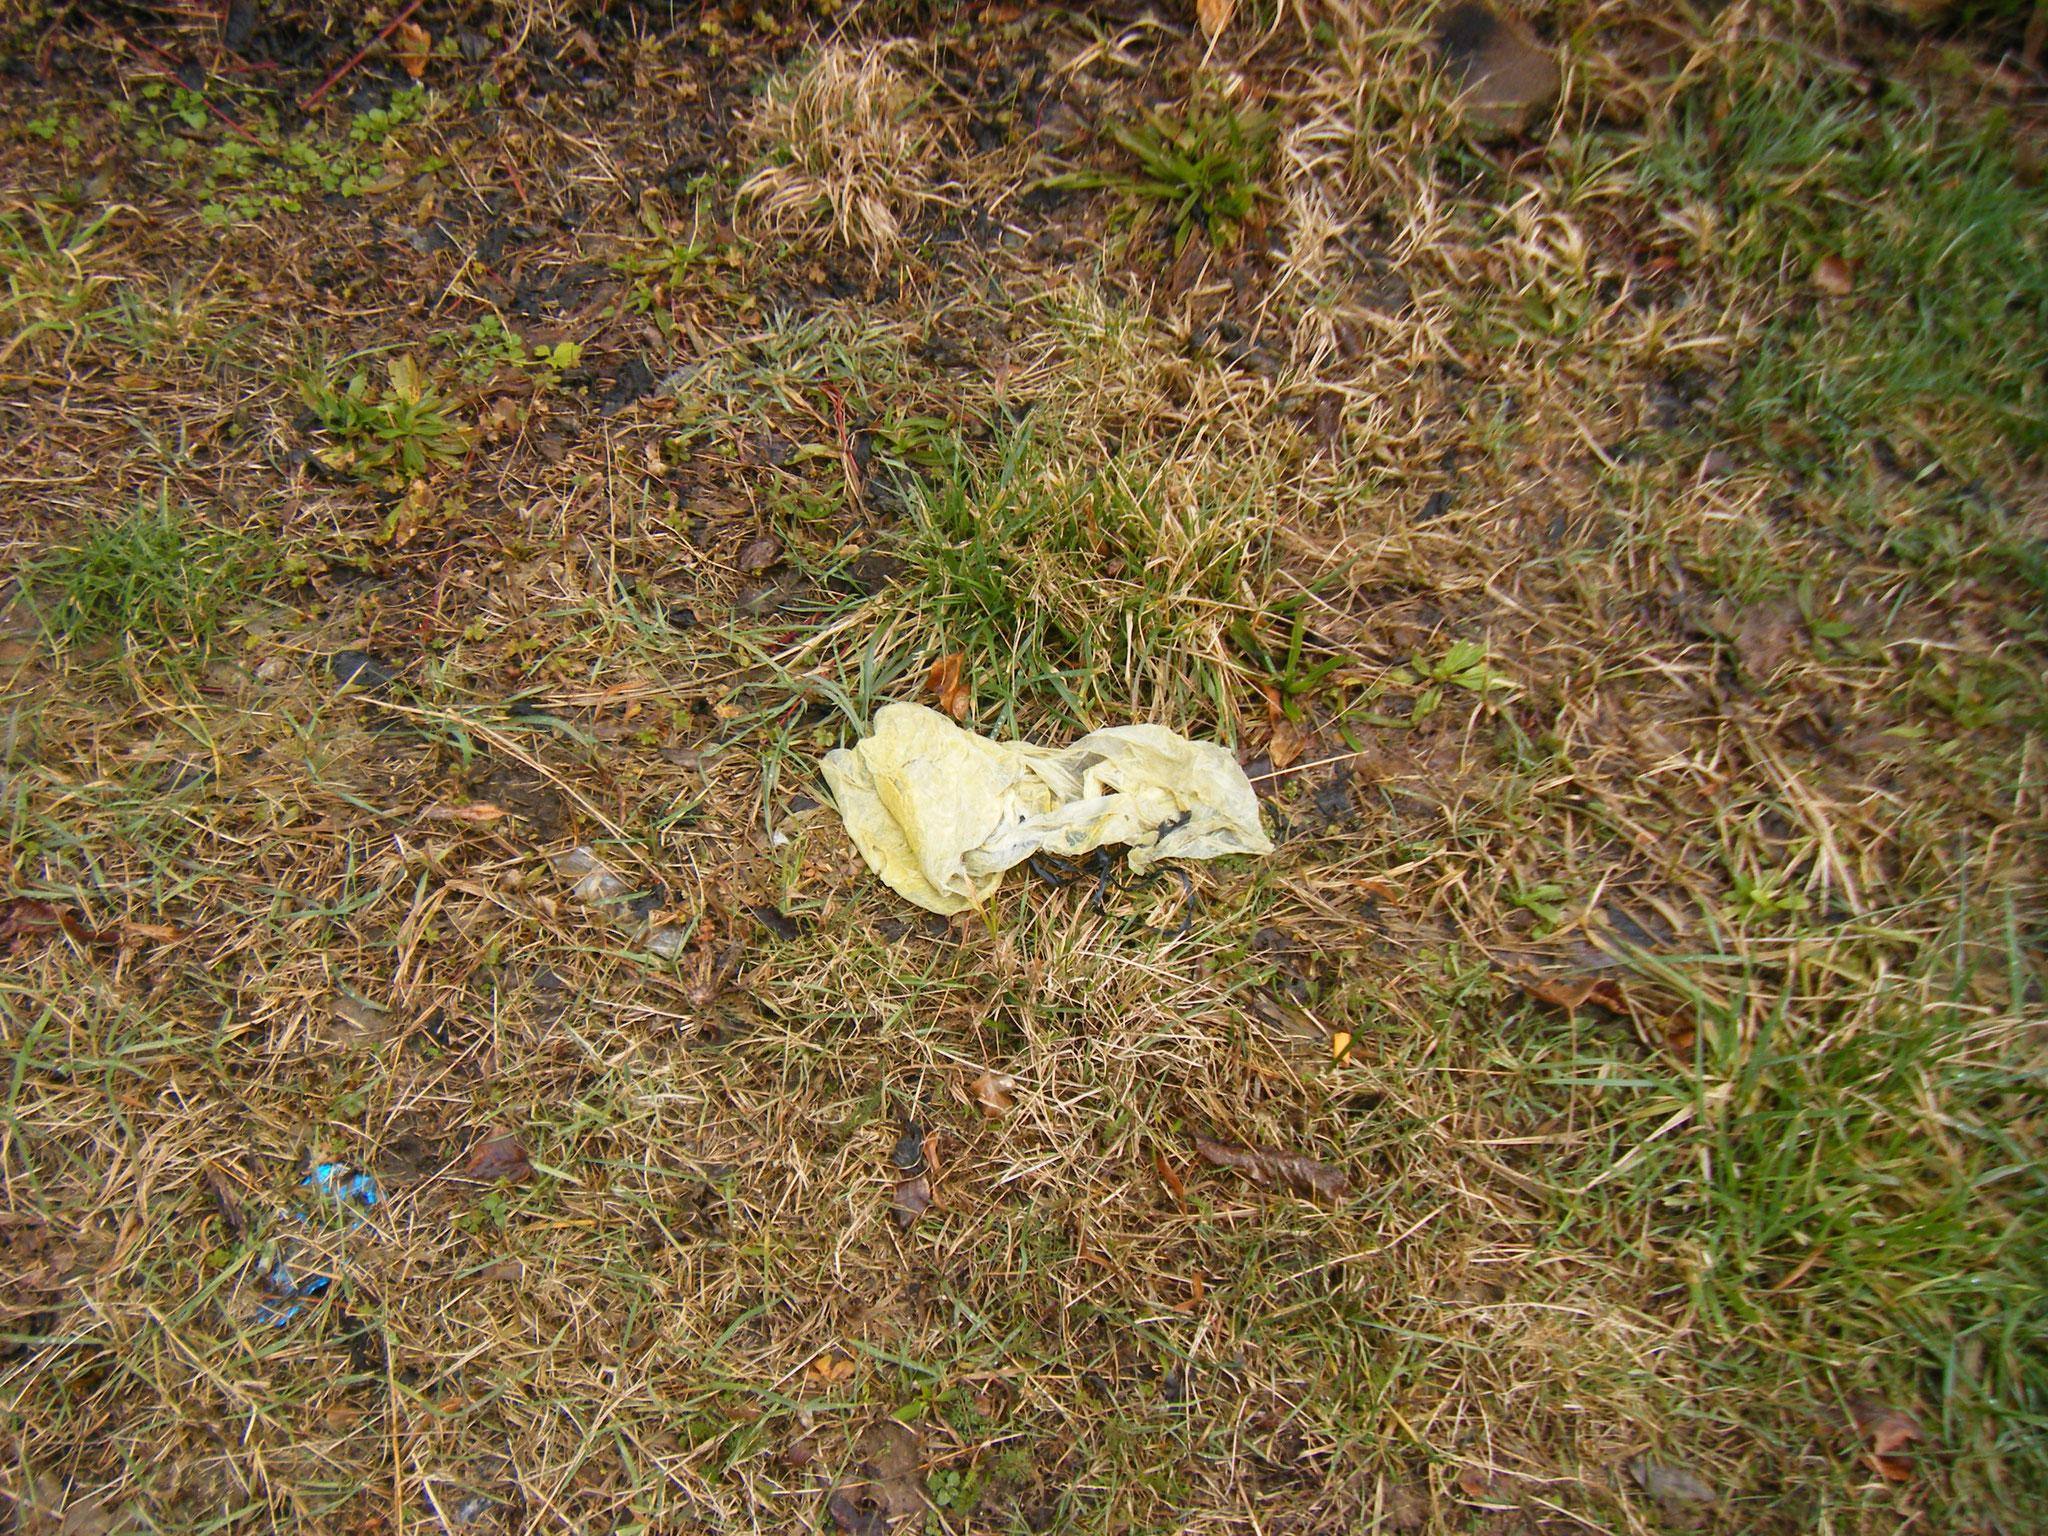 die Reste eines gelben Sackes, der seinen gesamten Inhalt an die Umwelt abgegeben hat